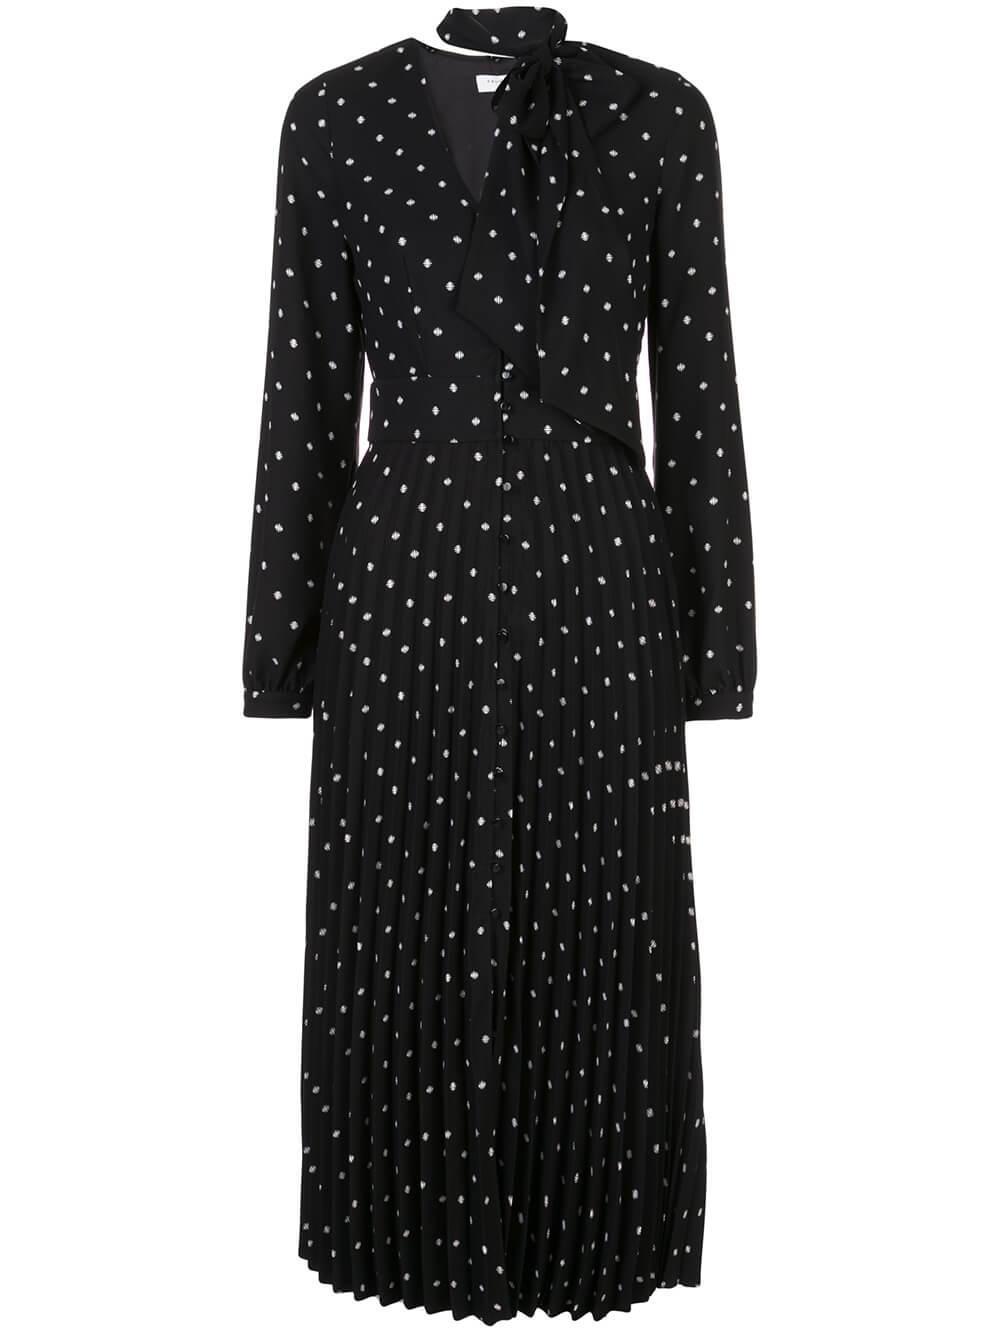 Amirin Polka Dot Dress Item # 6235-DR02367